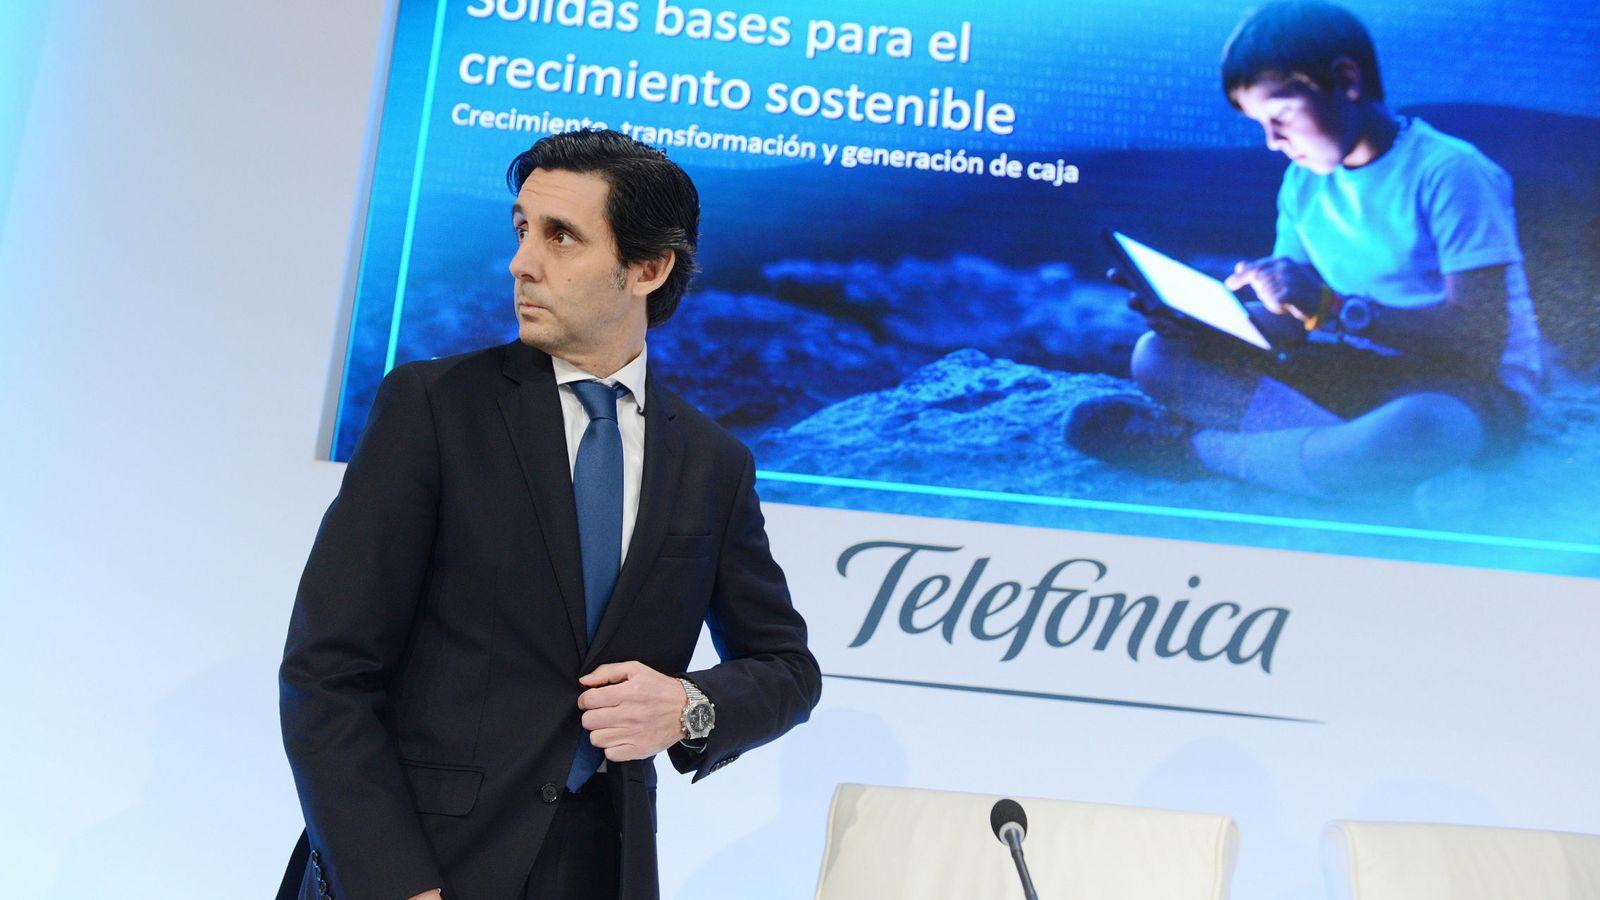 Foto: El presidente de Telefónica, José María Álvarez-Pallete (Efe)